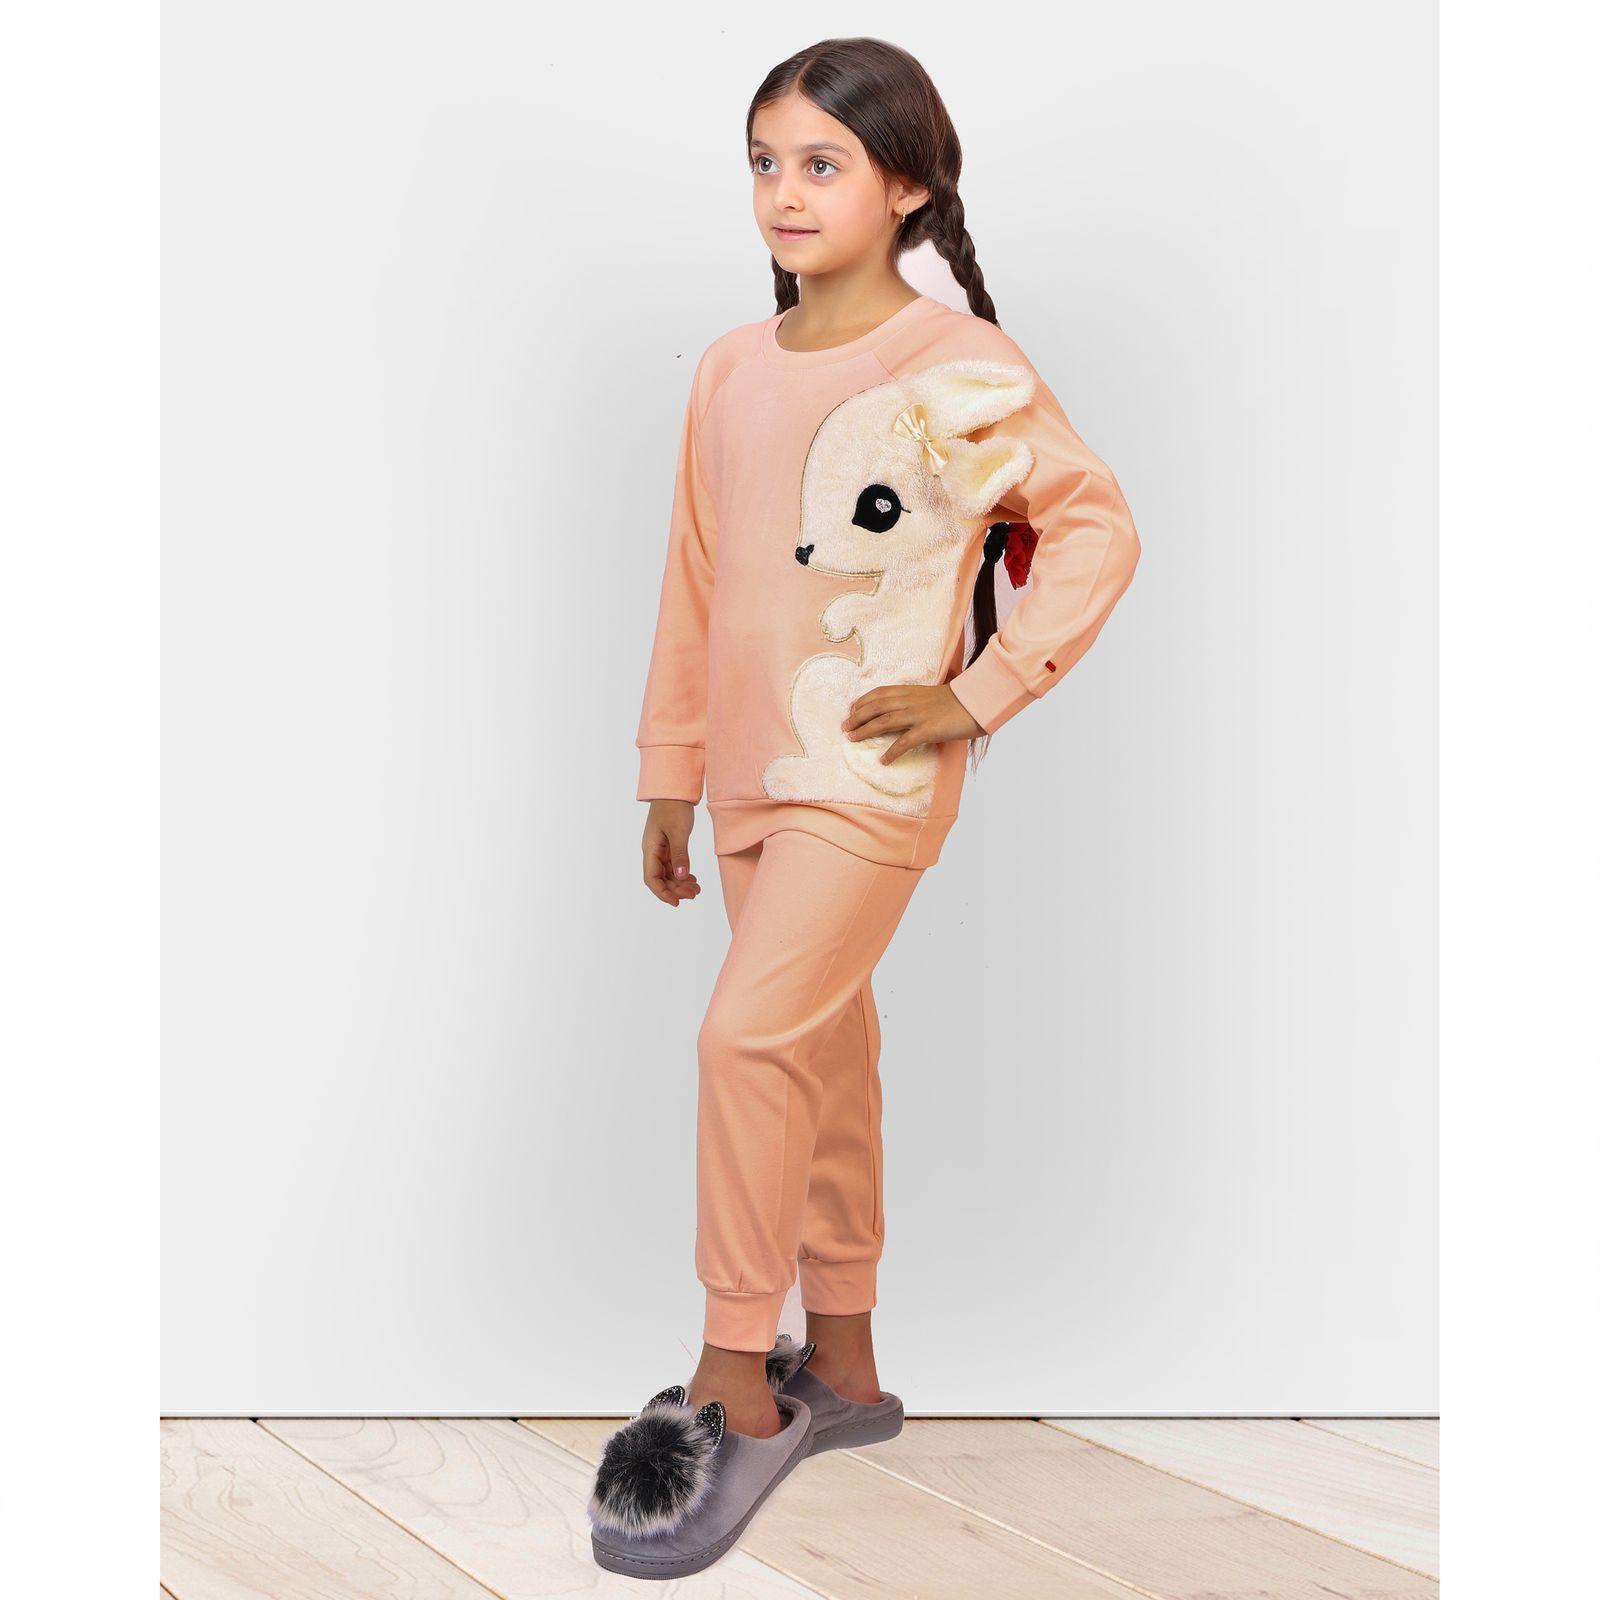 ست تی شرت و شلوار دخترانه مادر مدل 302-80 main 1 10